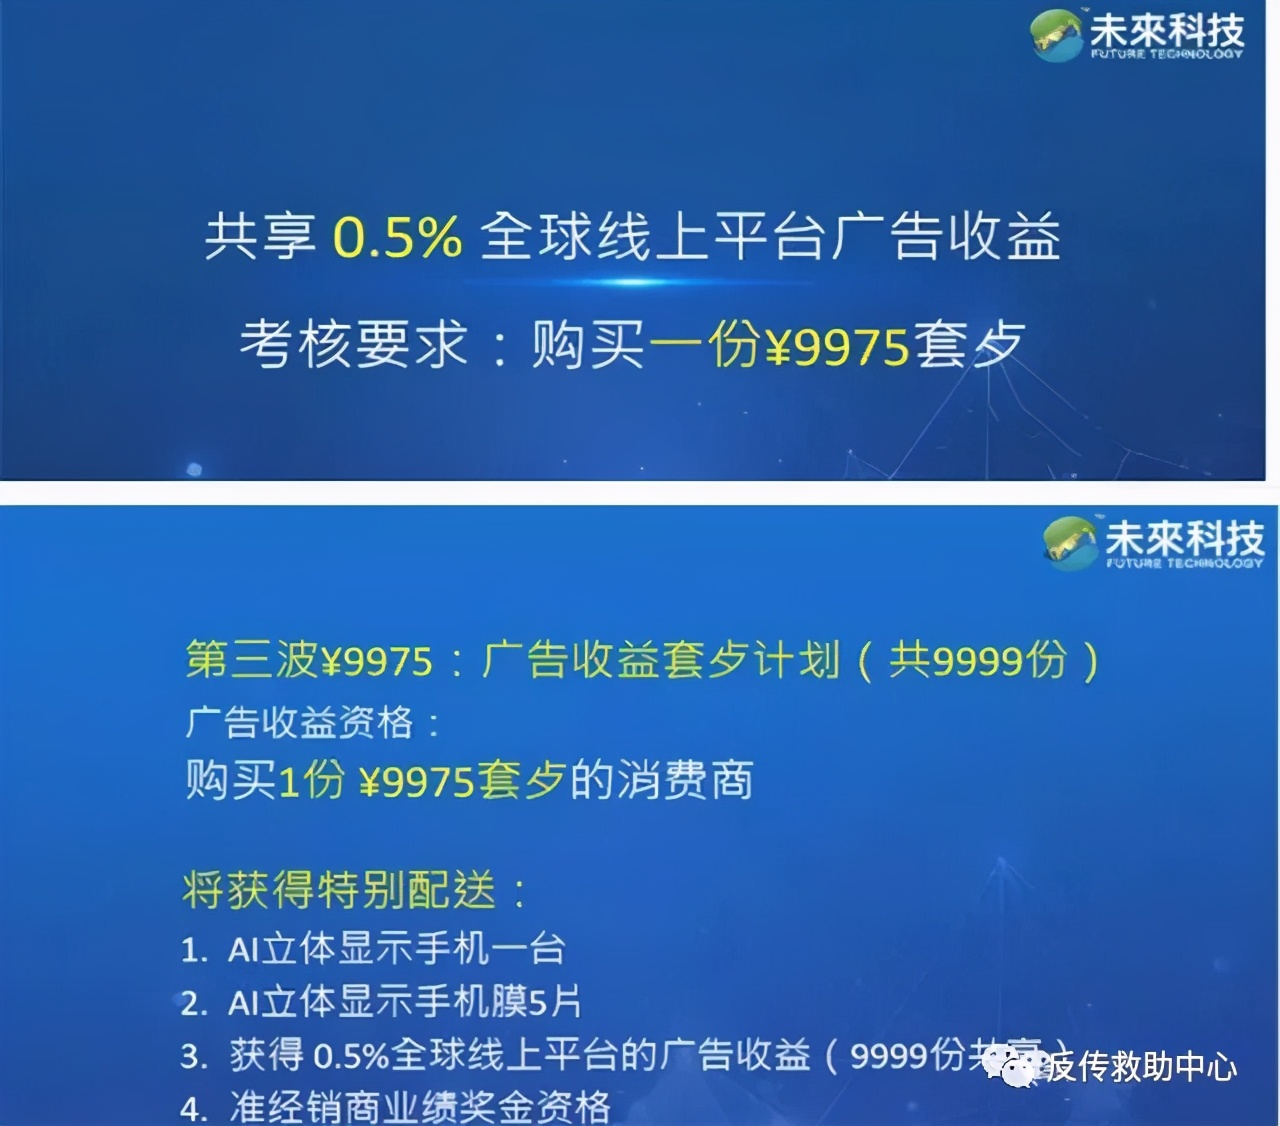 曝光 | 投资9975元买一部手机躺赚35万 广东未来科技涉嫌传销骗局